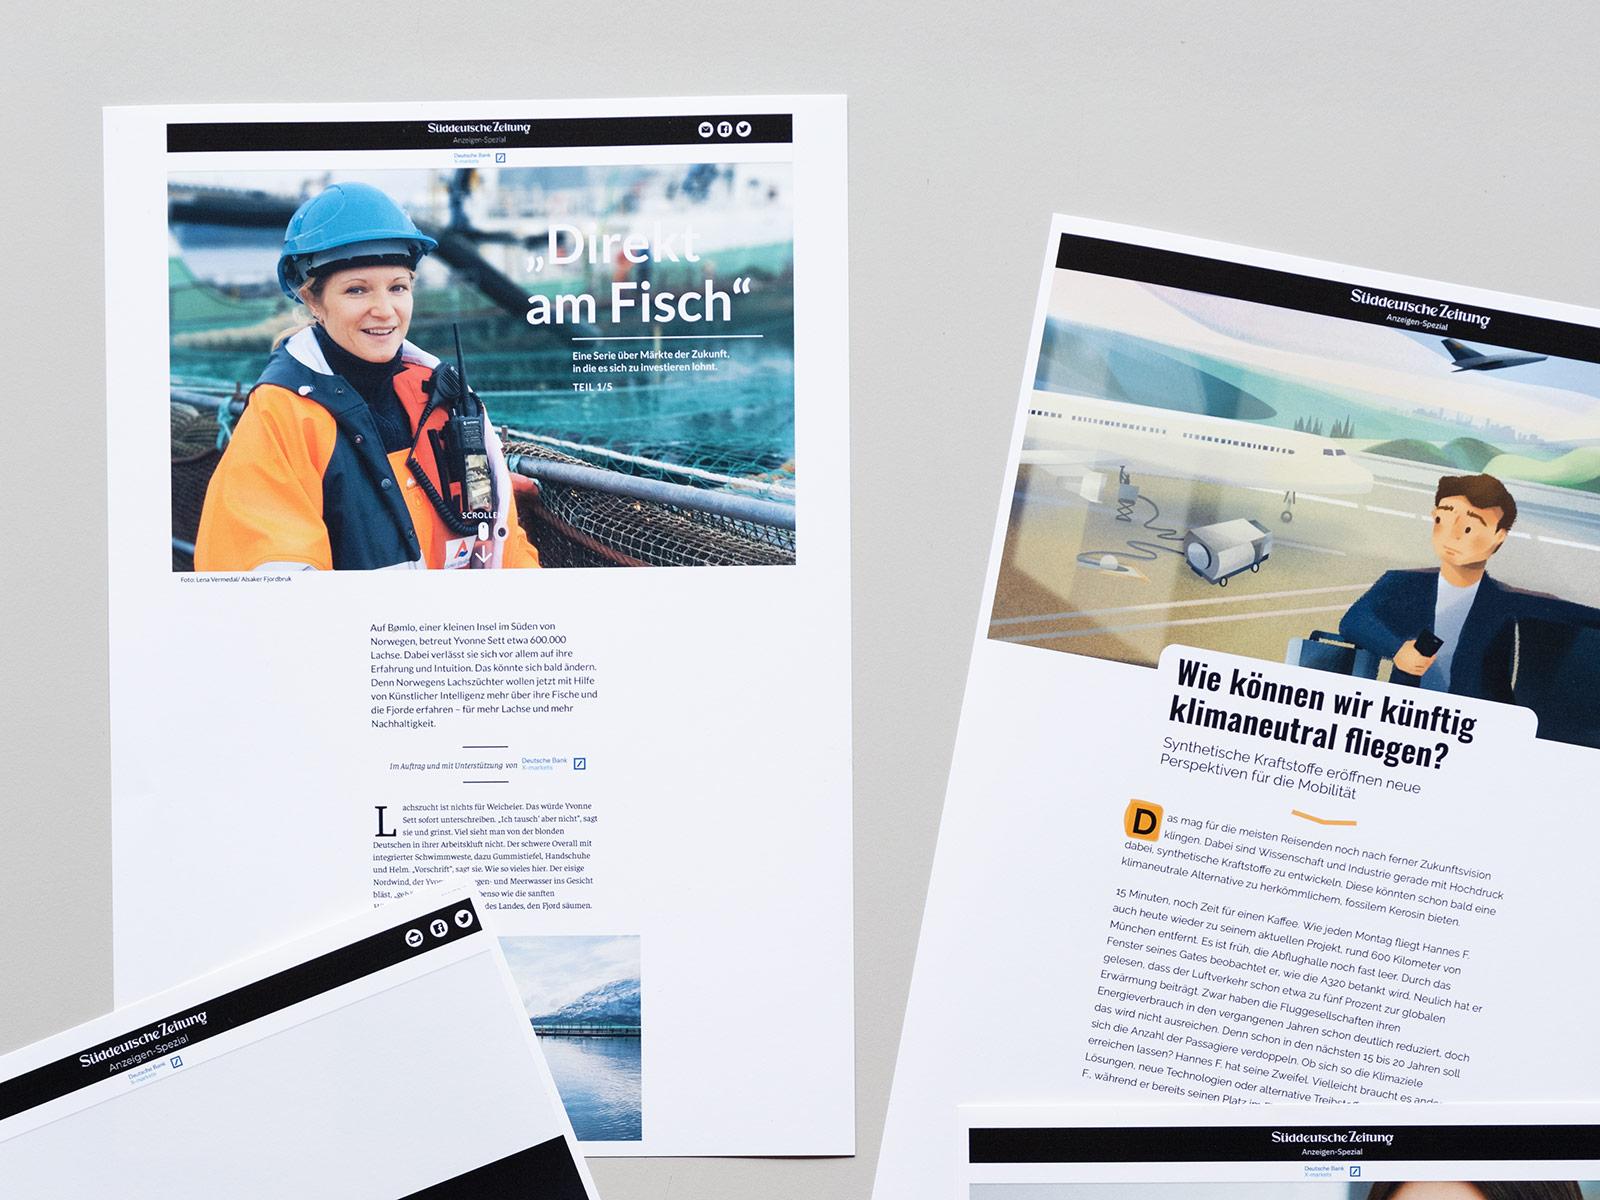 SZ Brandstudio - Projekt Andrea Peus - Journalistin